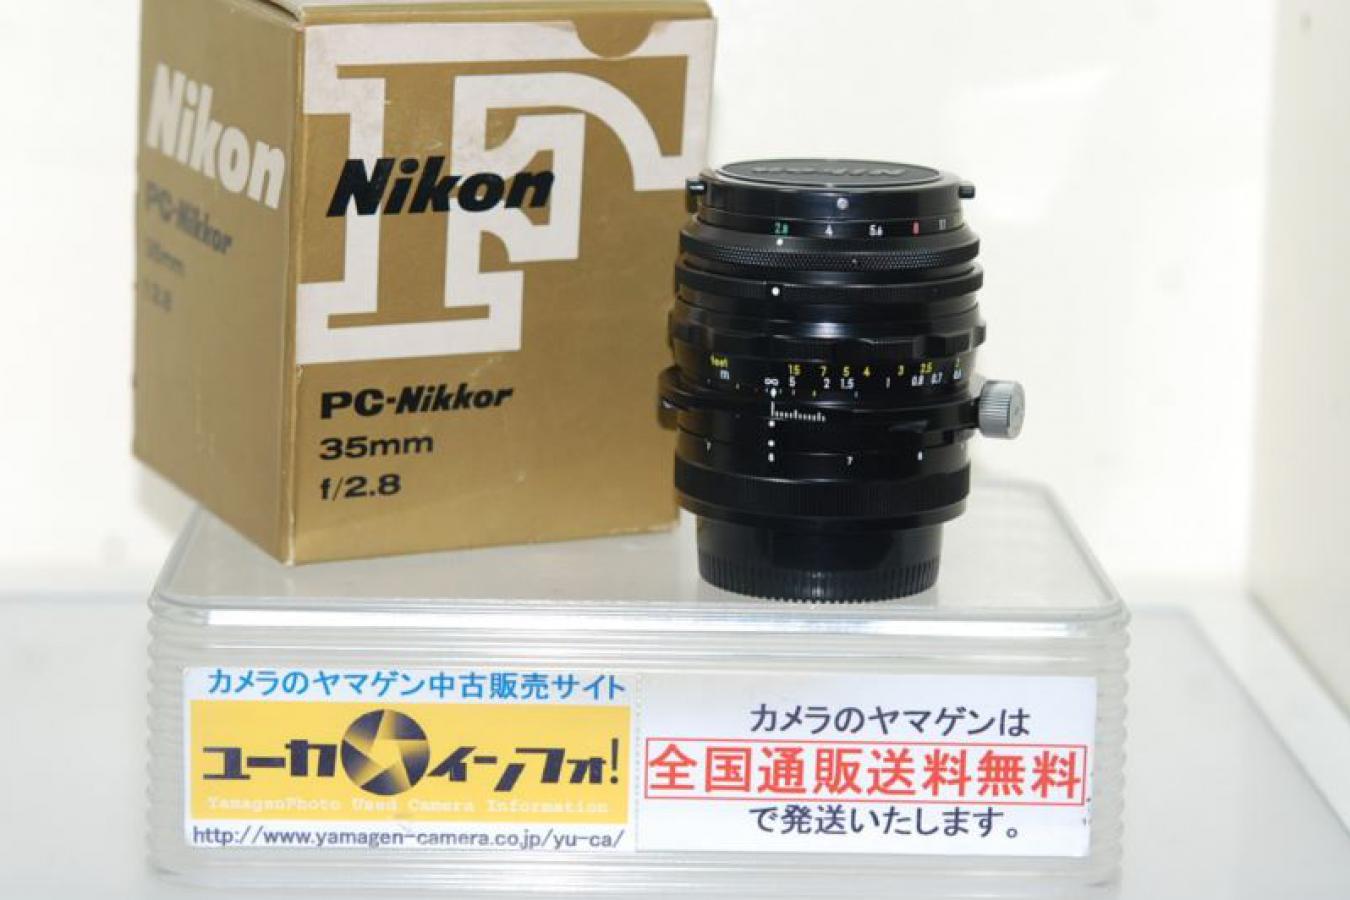 【コレクション向け 未使用品】 PC-Nikkor 35mm F2.8 【元箱付一式】